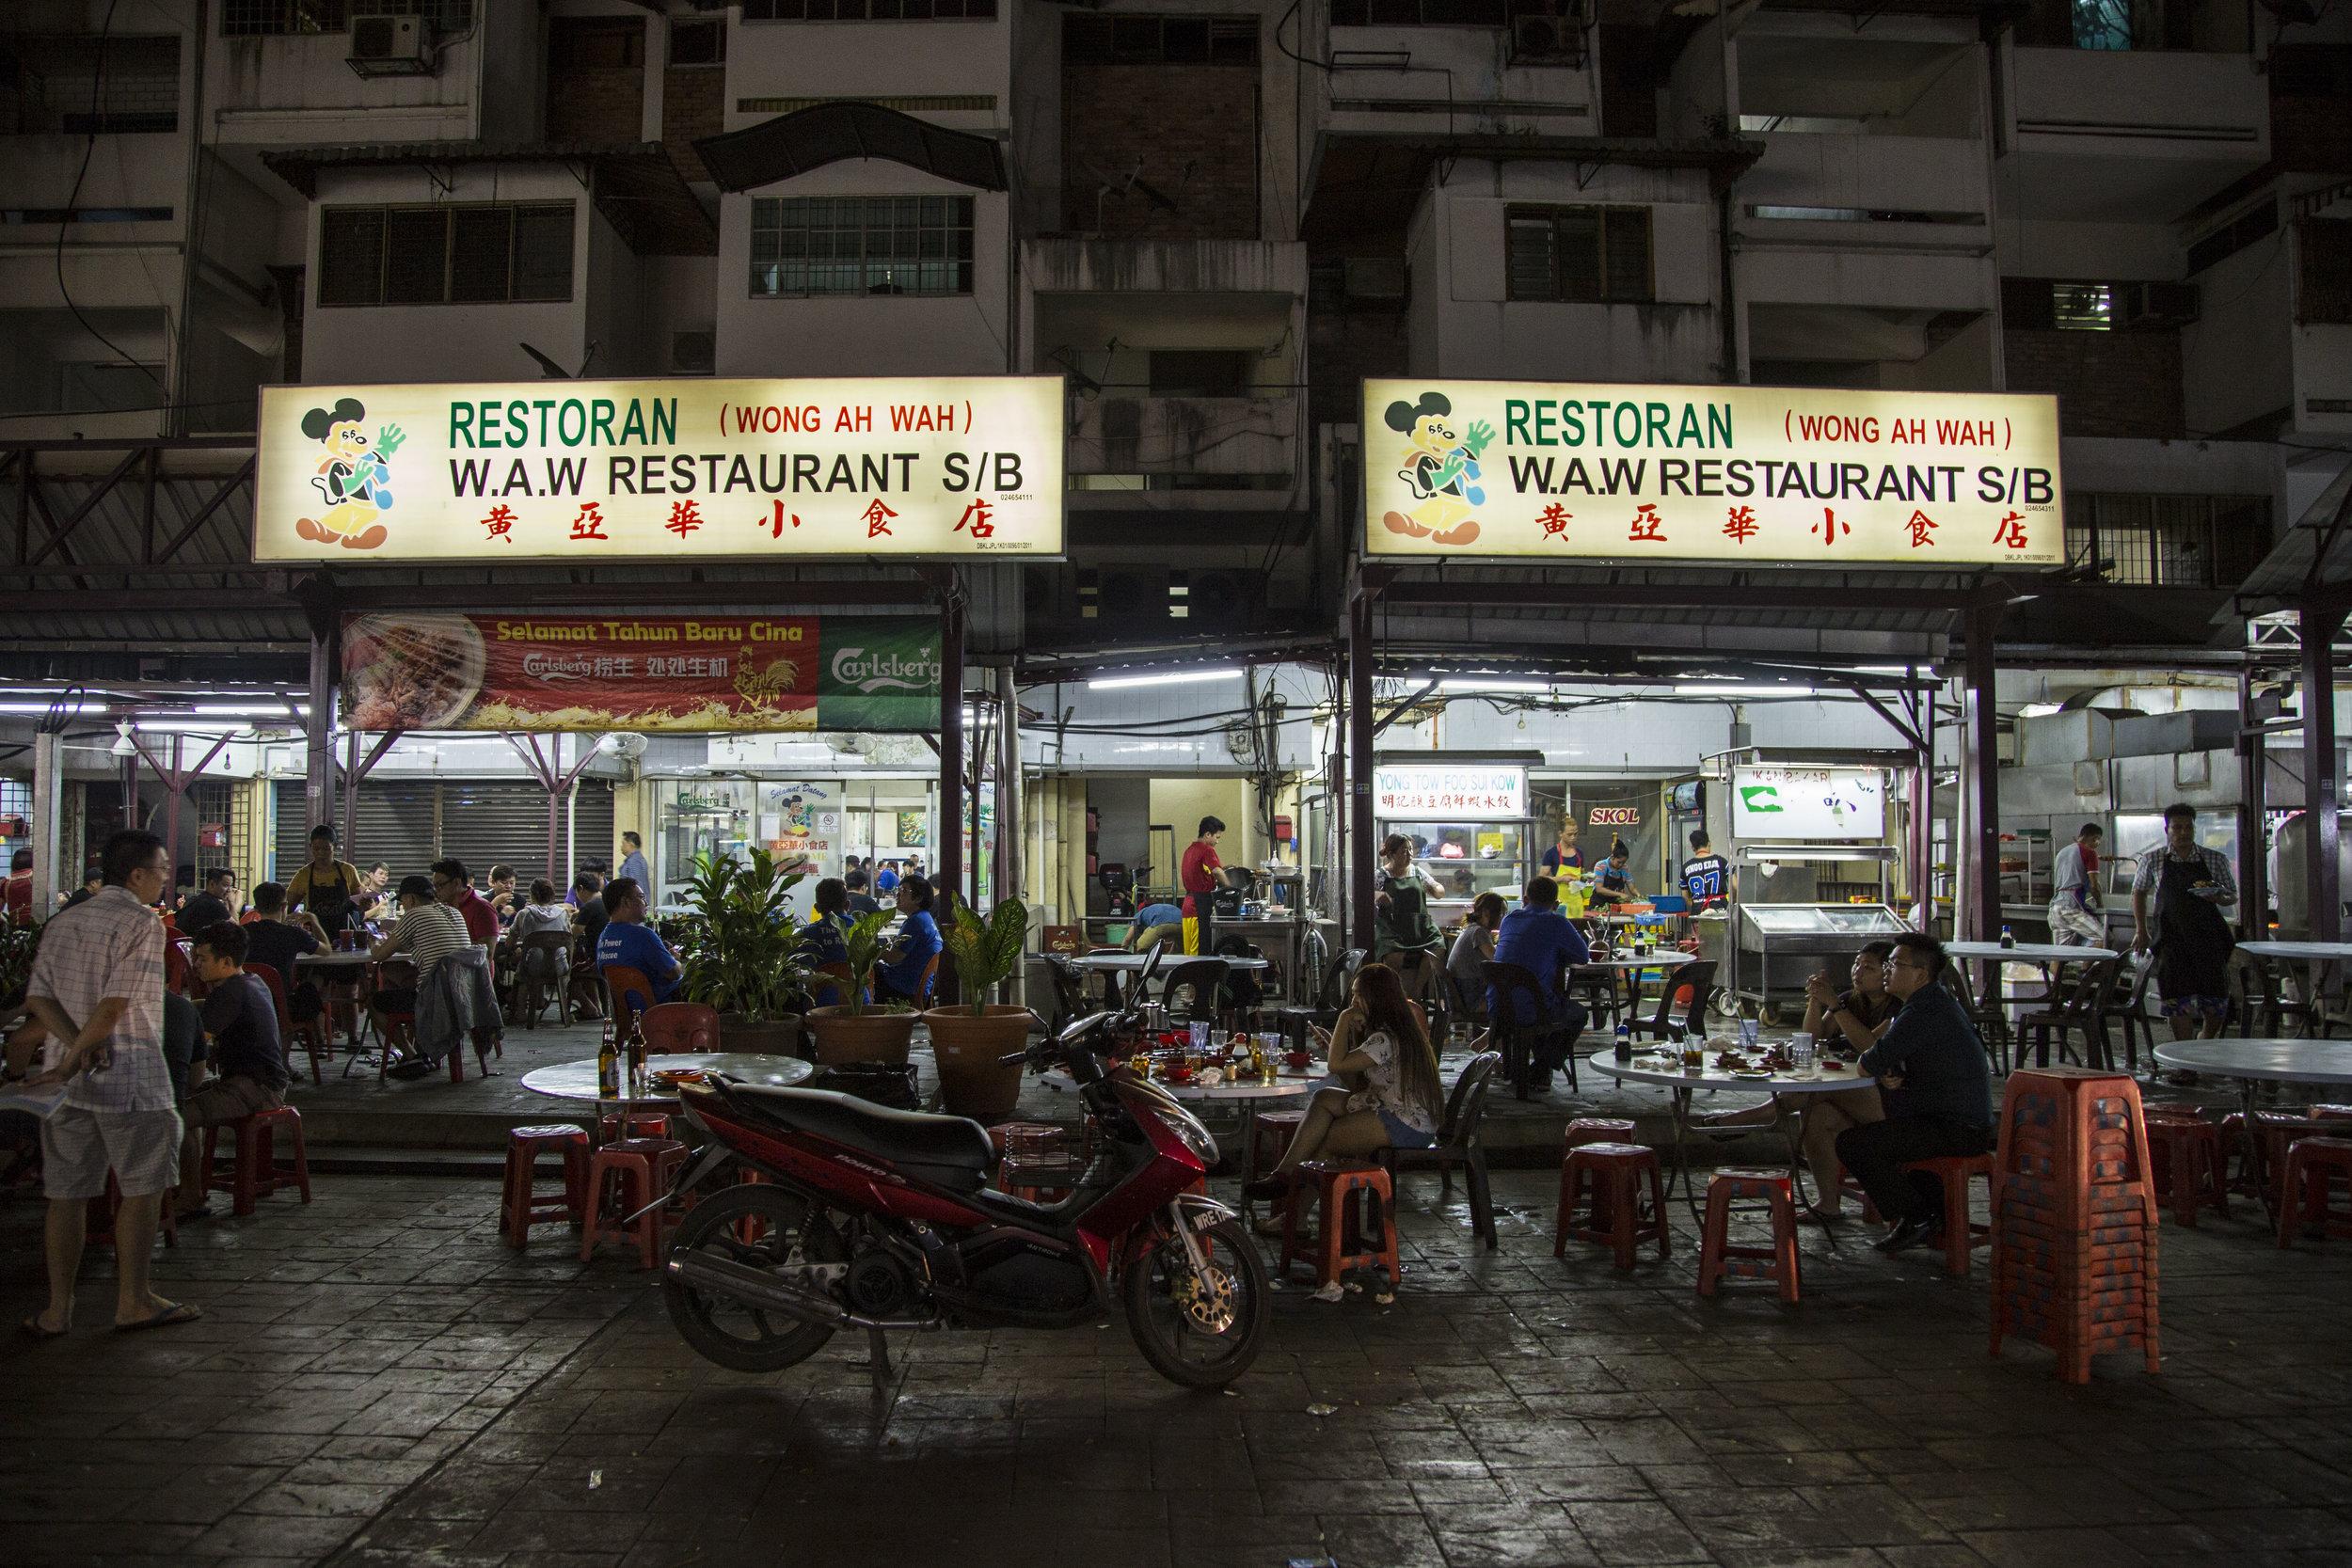 Wong Ah Wah on Jalan Alor